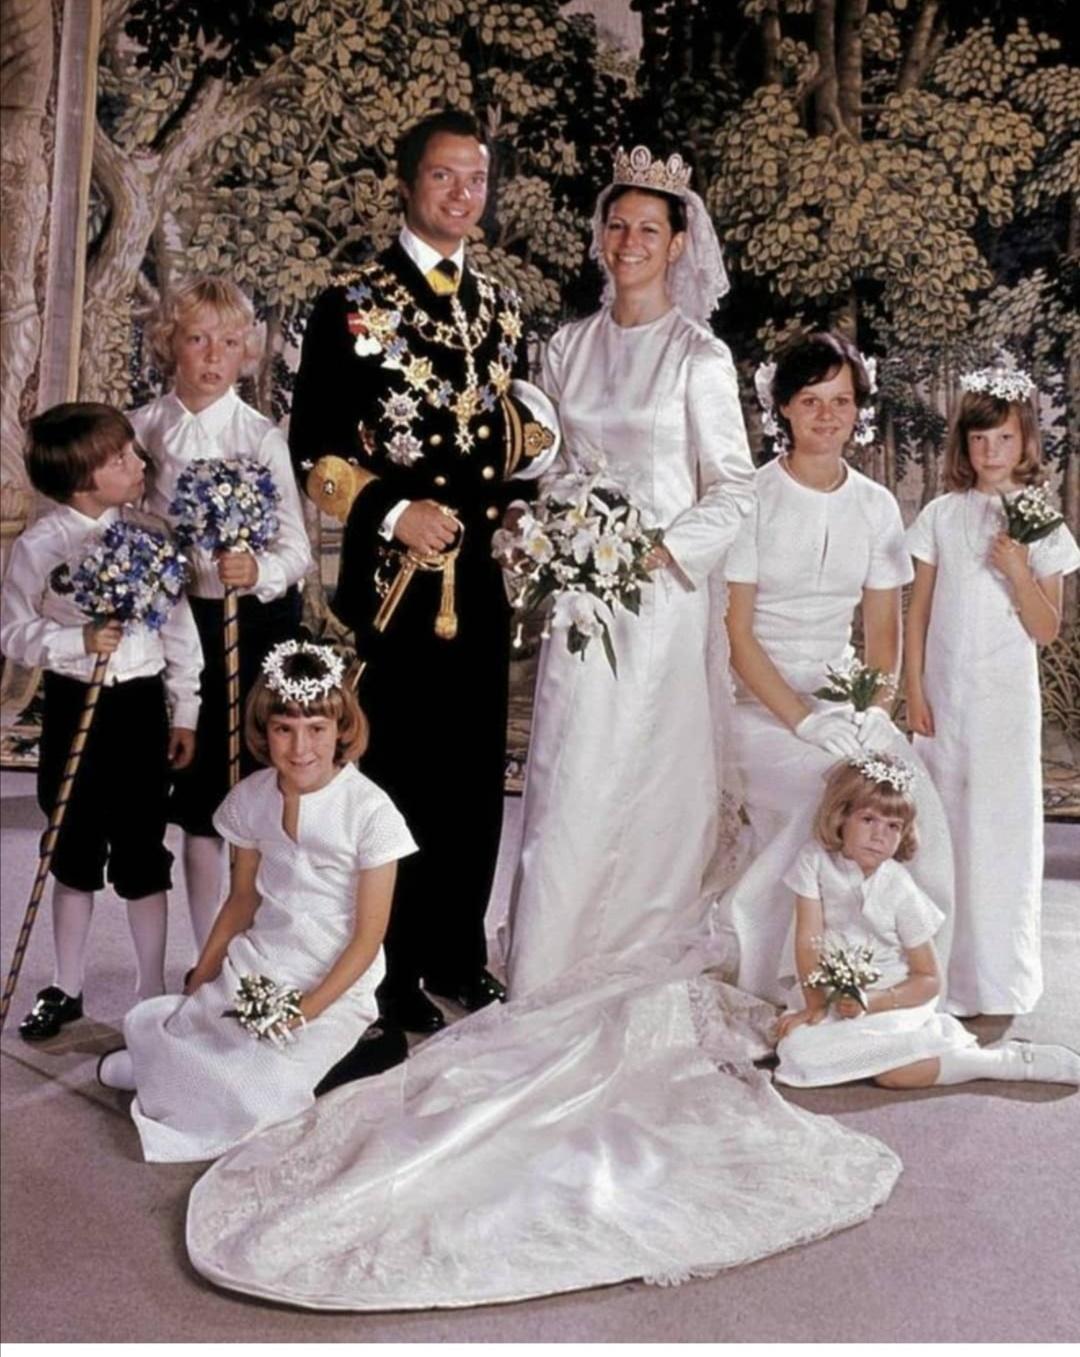 الملك كارل السادس عشر غوستاف والملكة سيلفيا سومرلاث- الصورة من حساب The Royal watcher diaryعلى إنستغرام